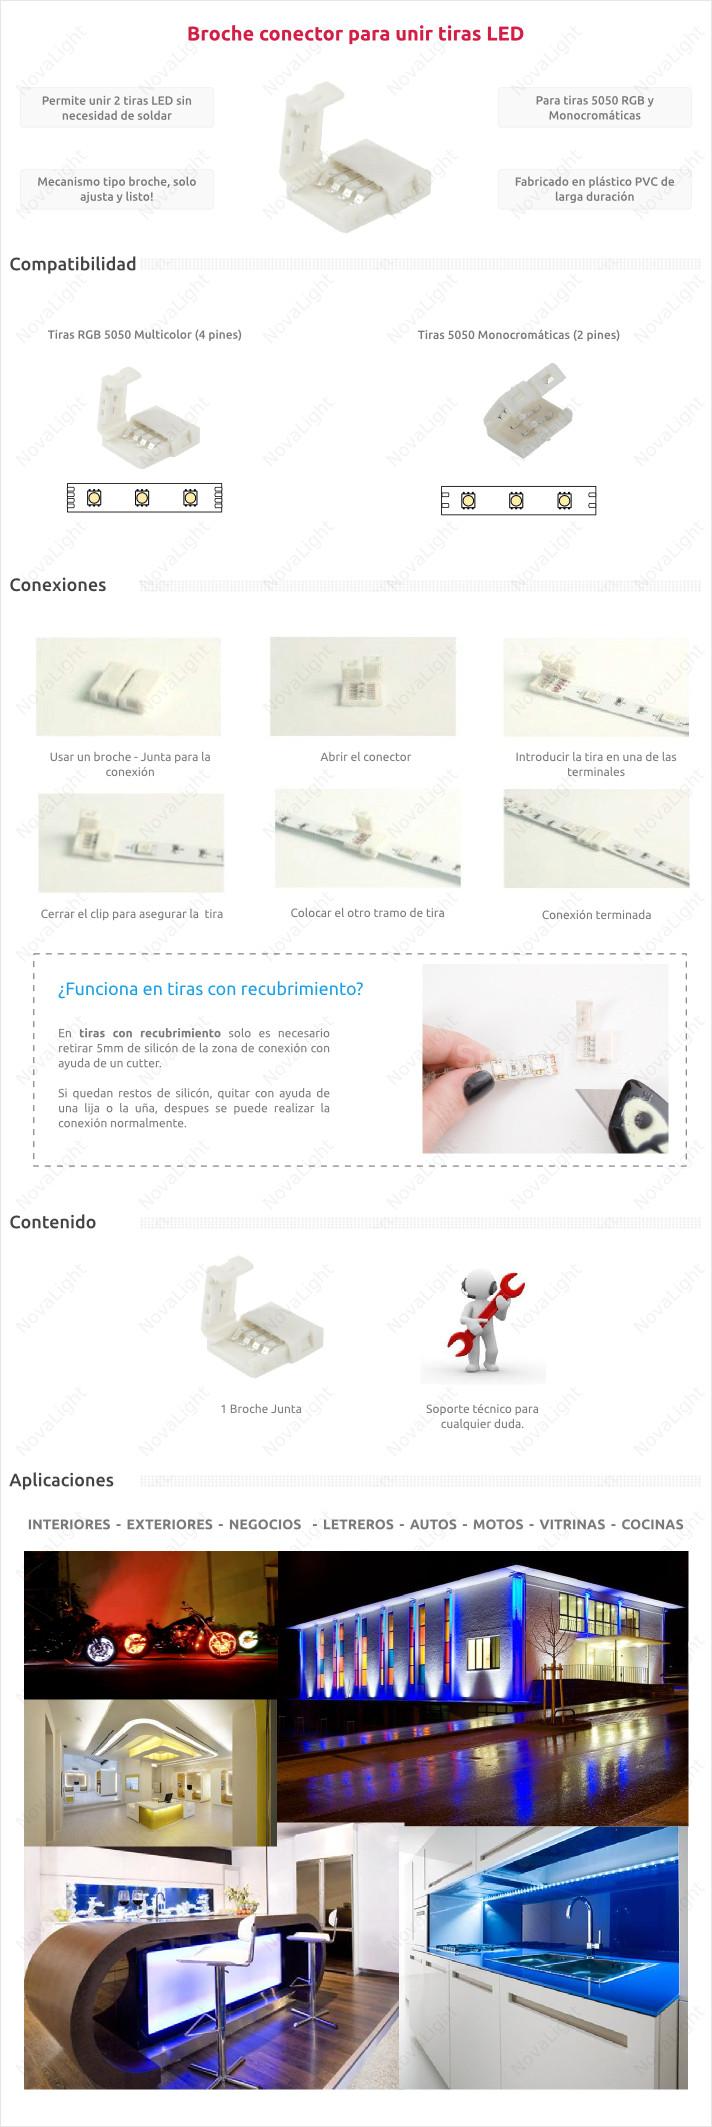 Broche Junta - Adaptador para acoplar o unir tiras LED RGB 5050 o 3528 sin necesidad de soldar